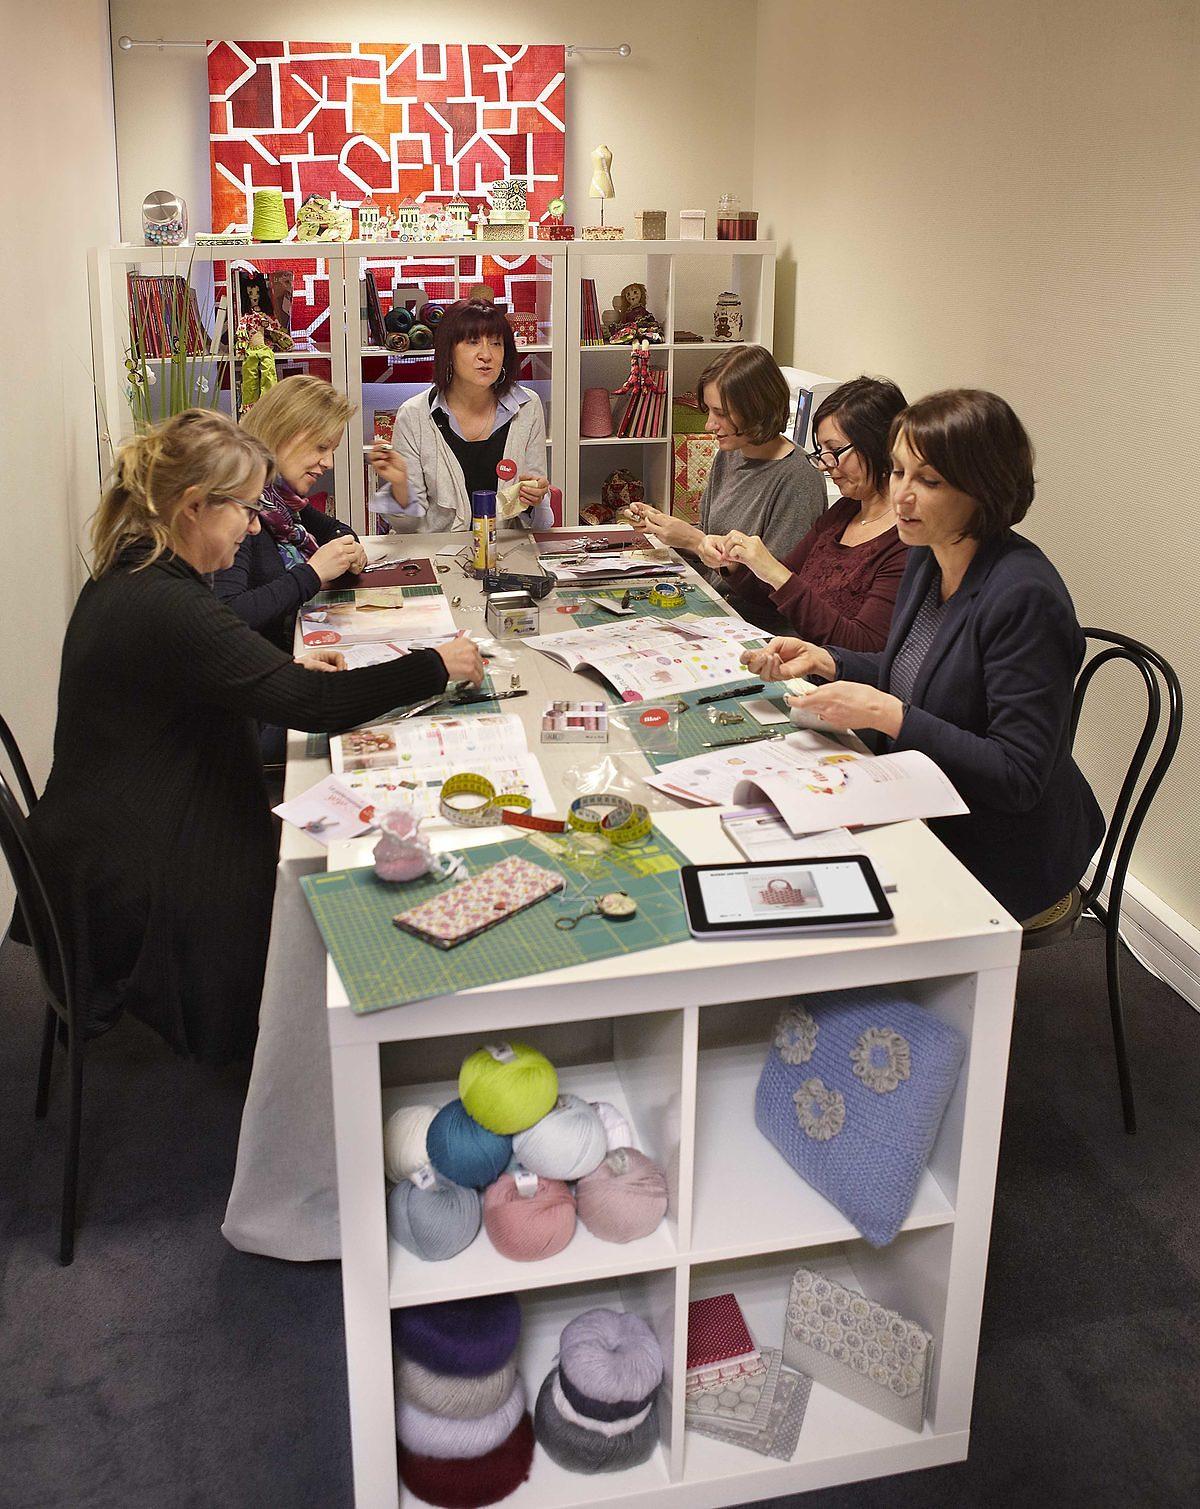 ateliers créatifs en France